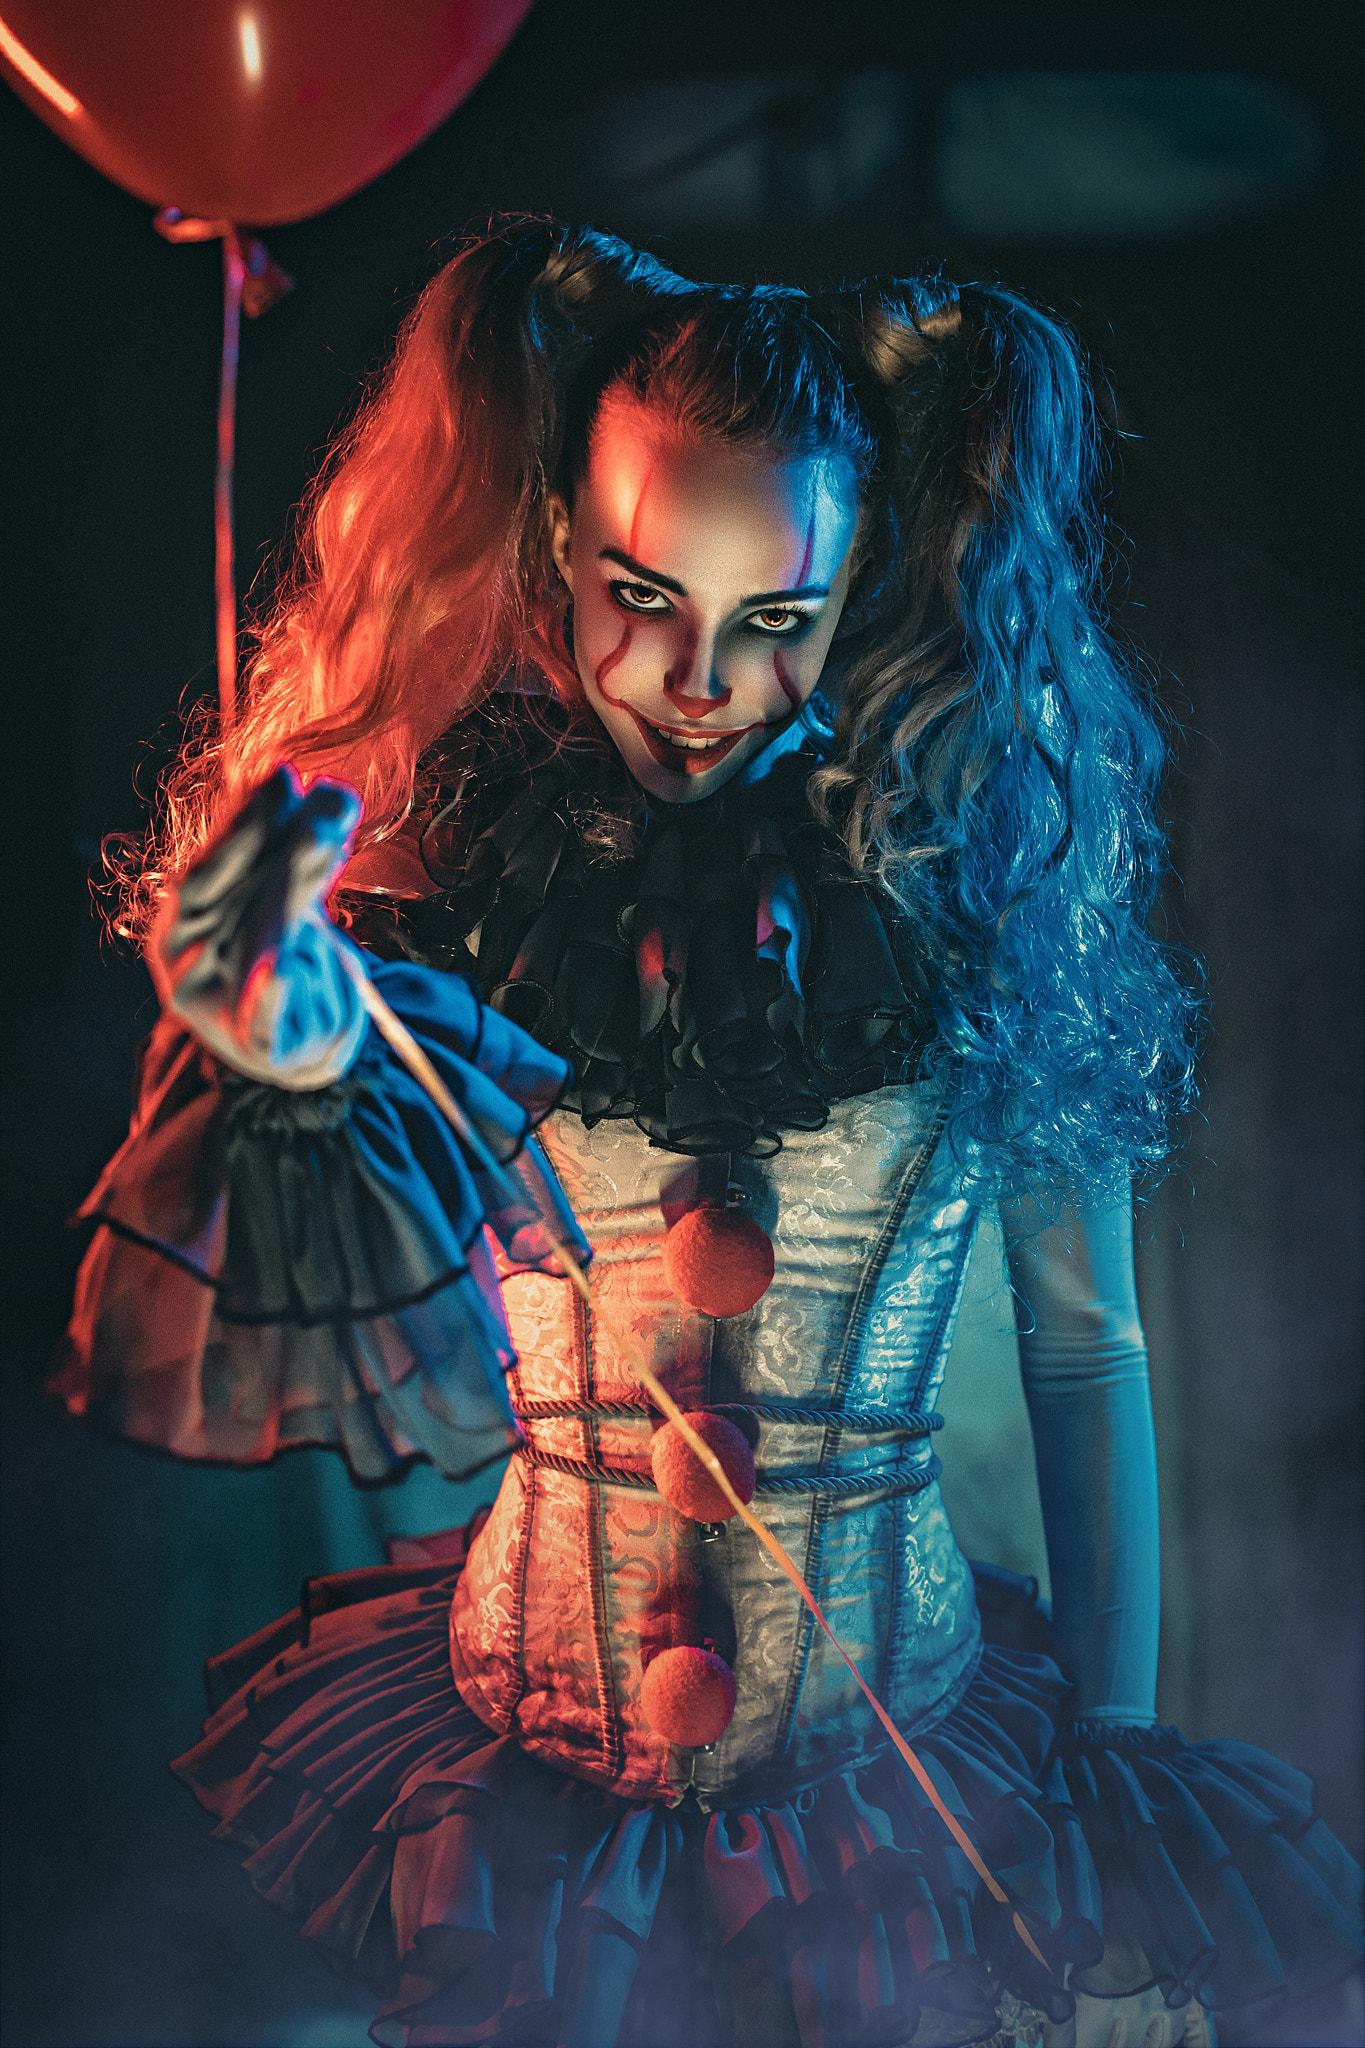 Фото Девушка в образе клоуна Пеннивайза / Pennywise из фильма ужасов Оно / It, by Sergey Vostrikov